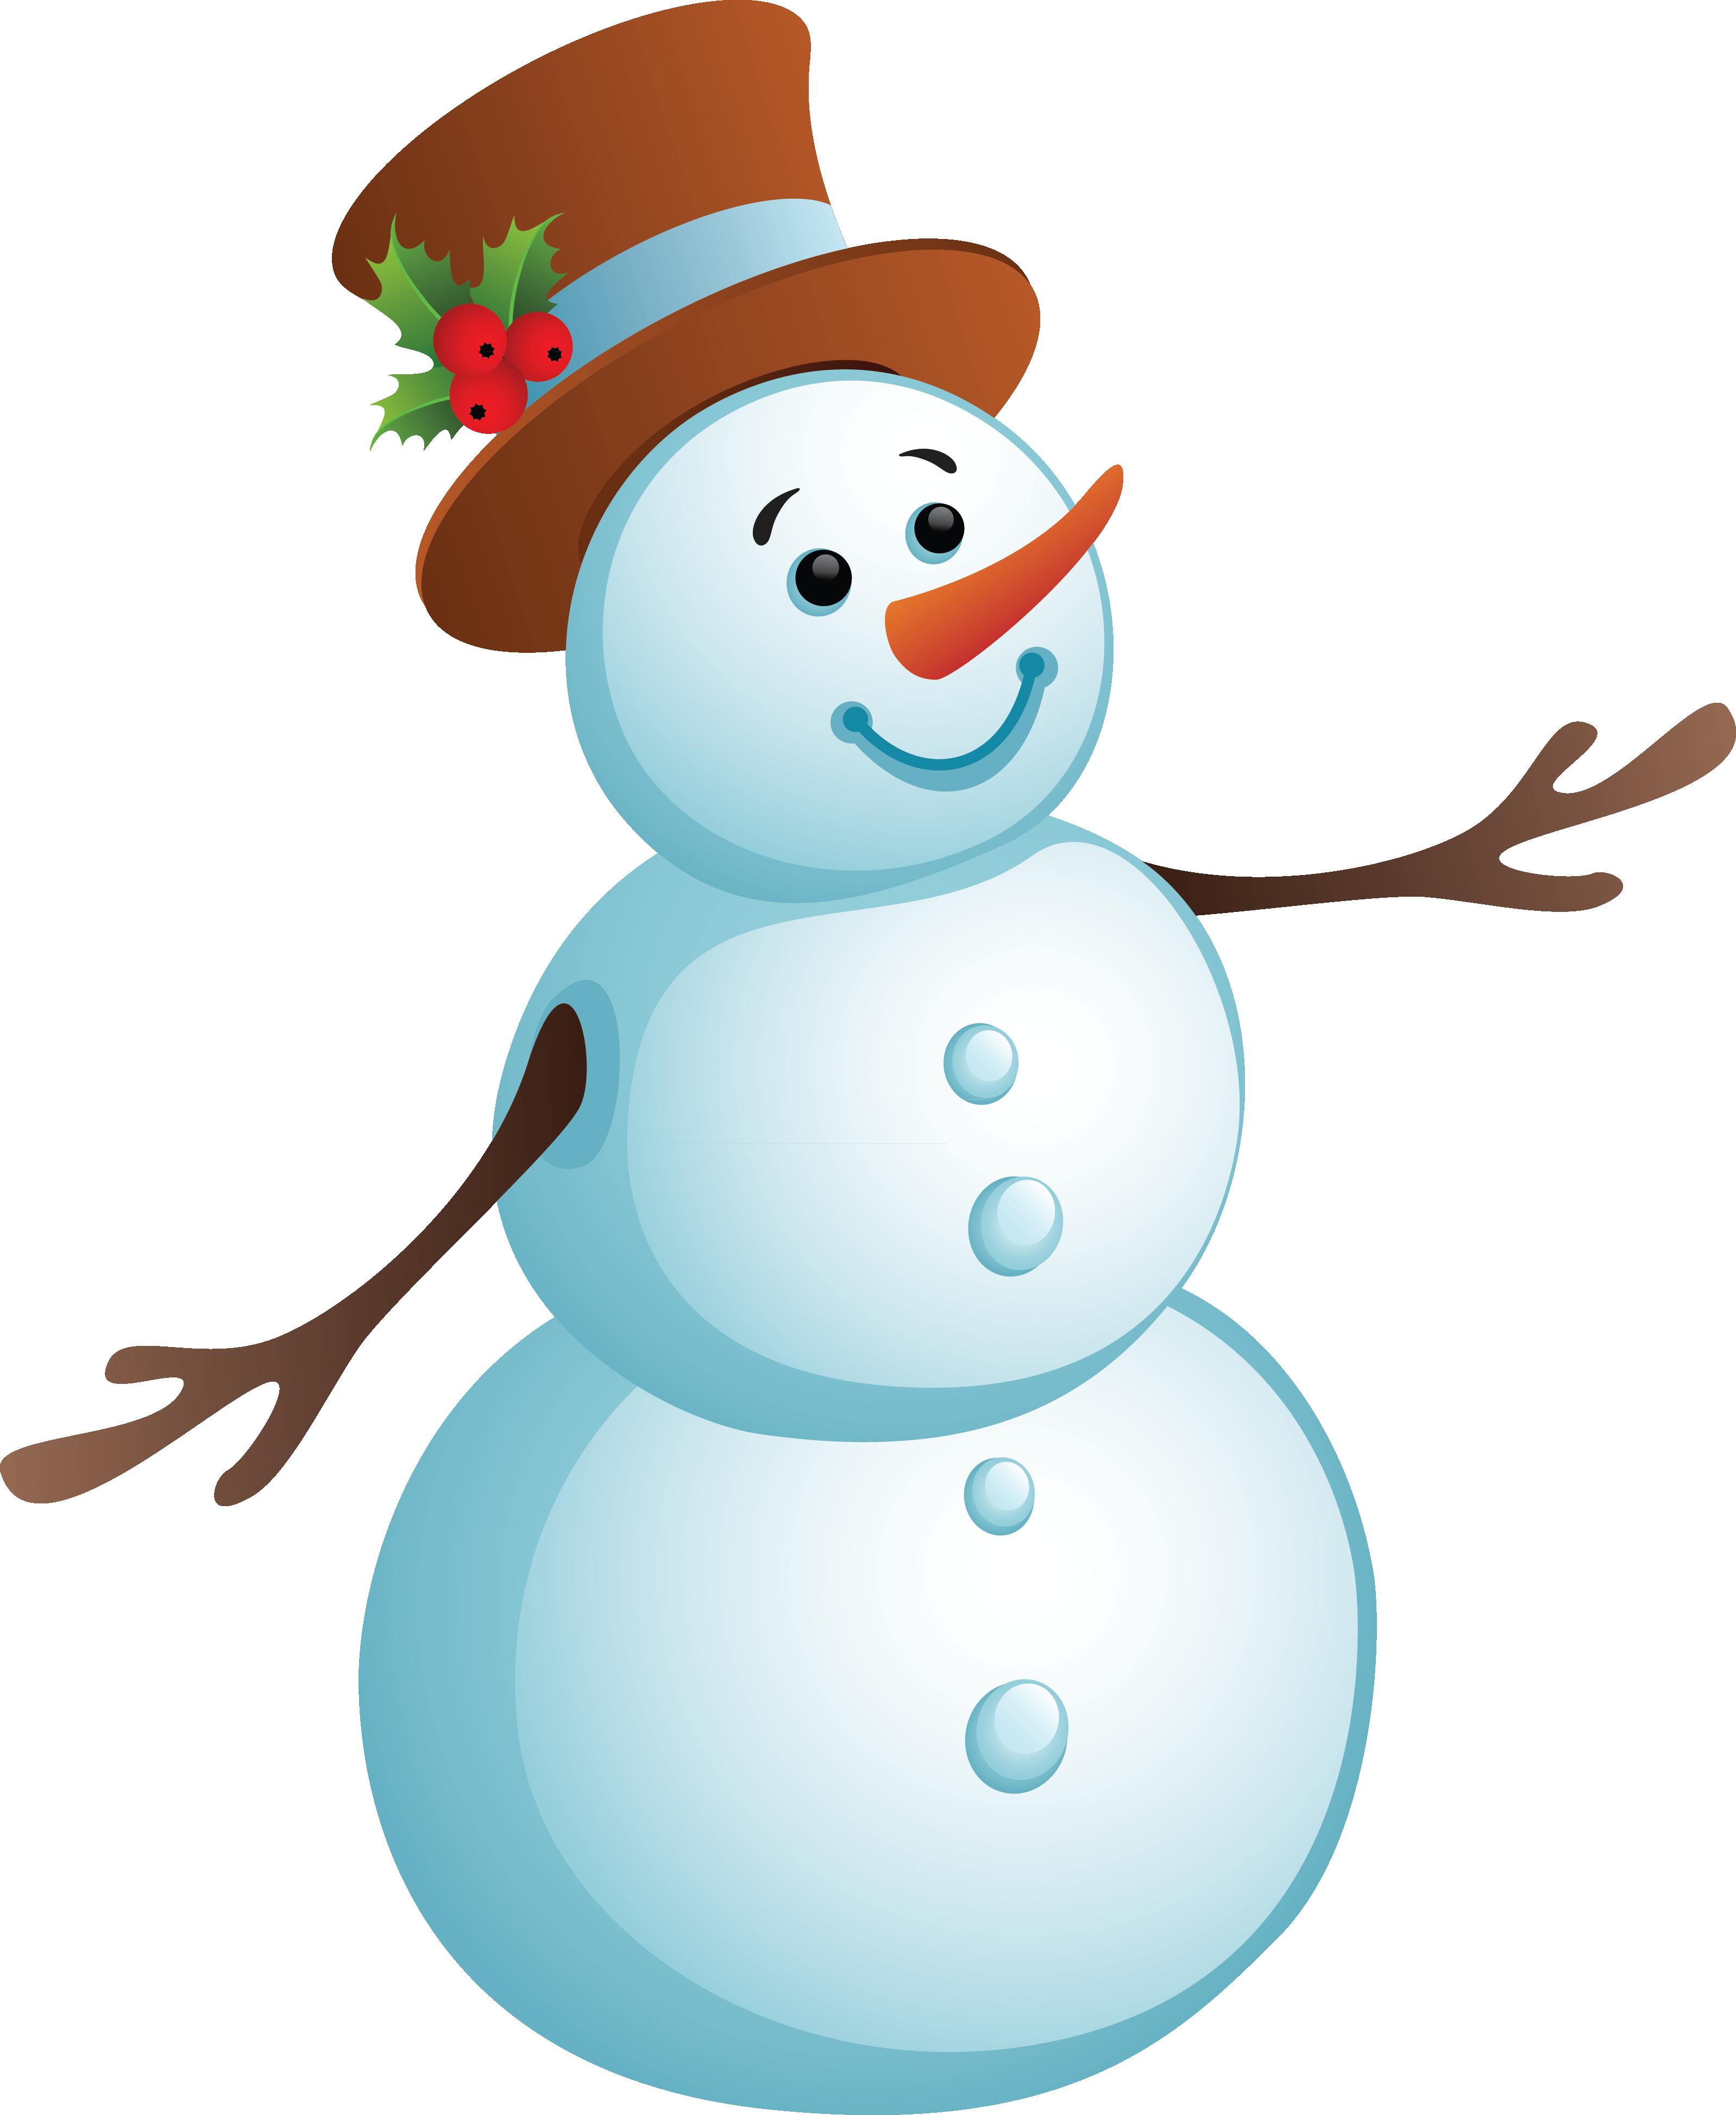 снеговик картинка без фона ряды пионеров